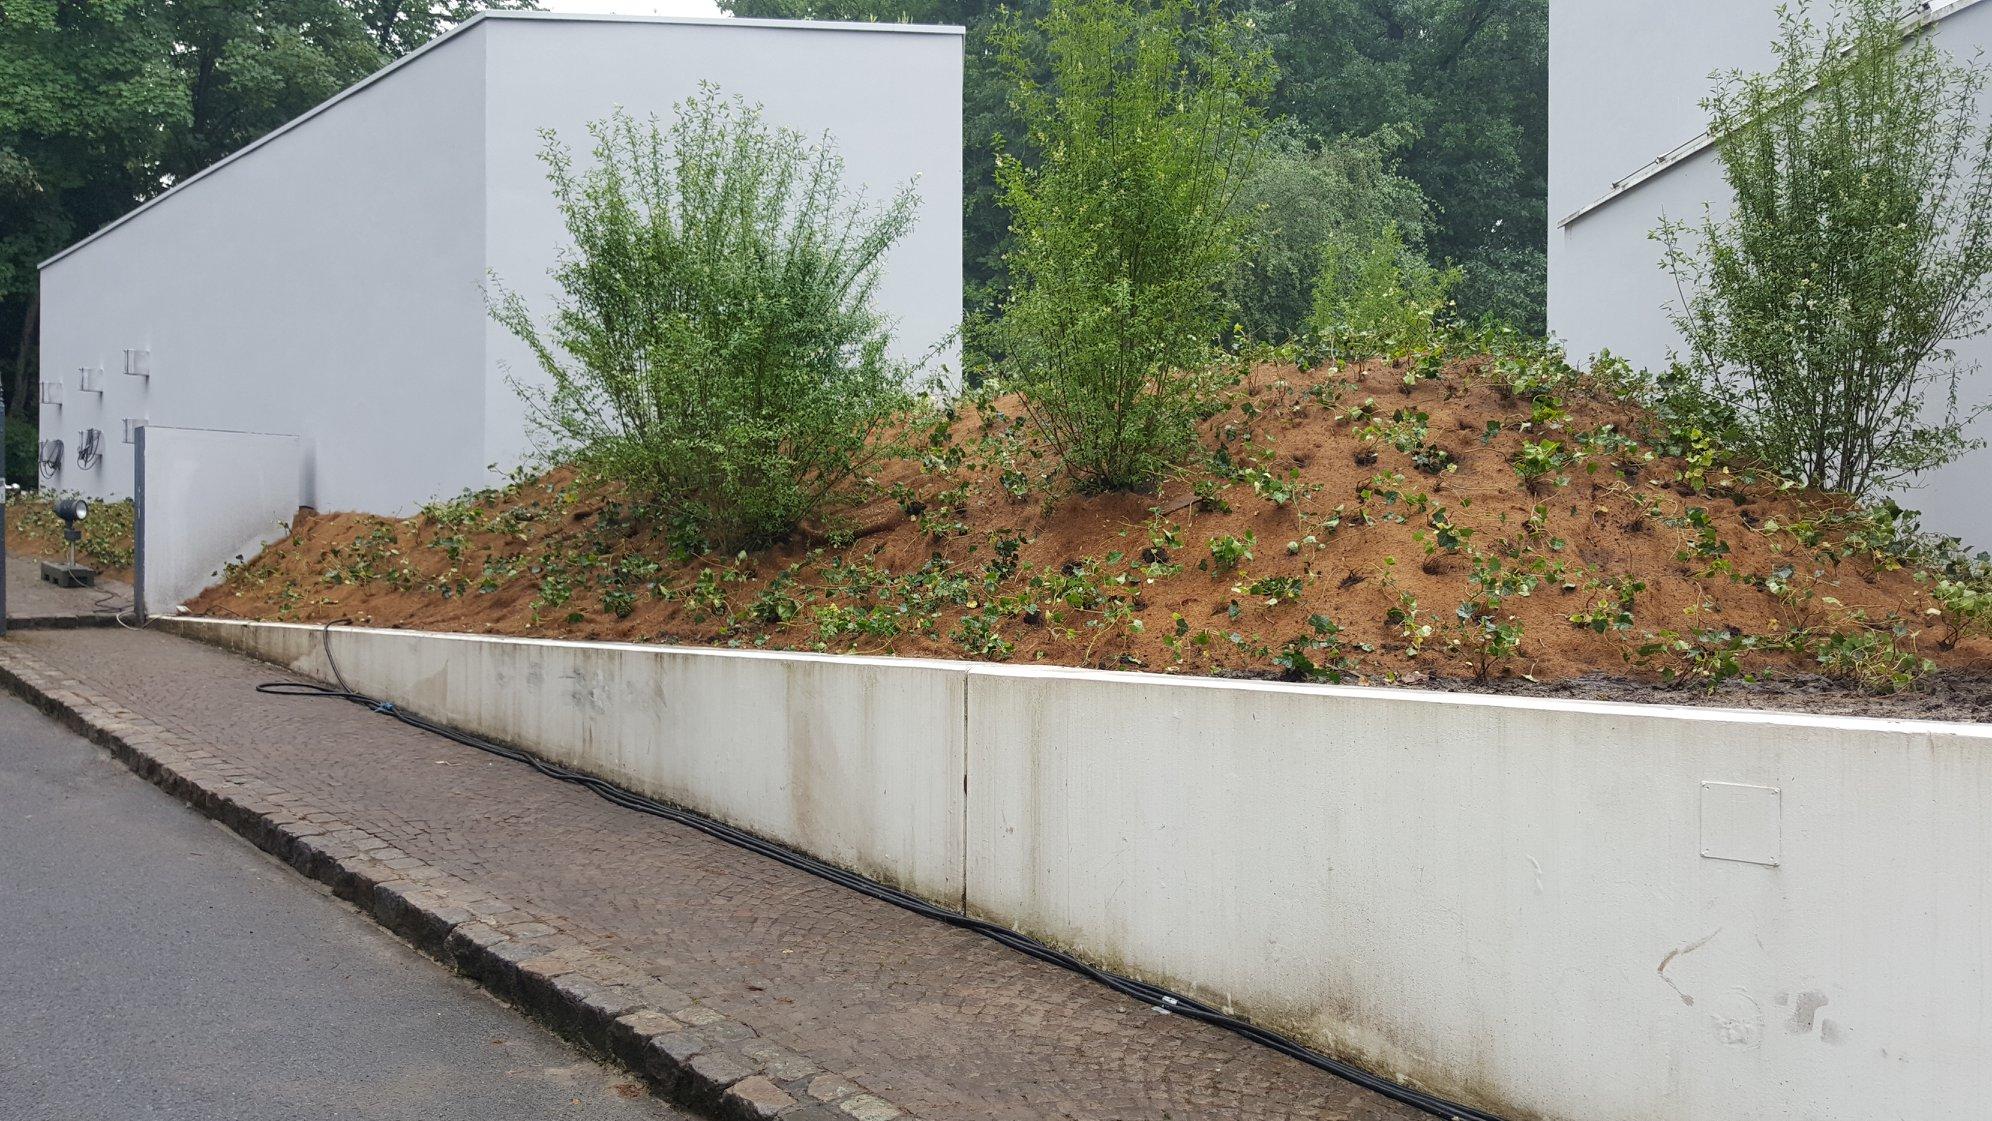 Hsb garten und landschaftsbau in bochum - Garten und landschaftsbau bochum ...